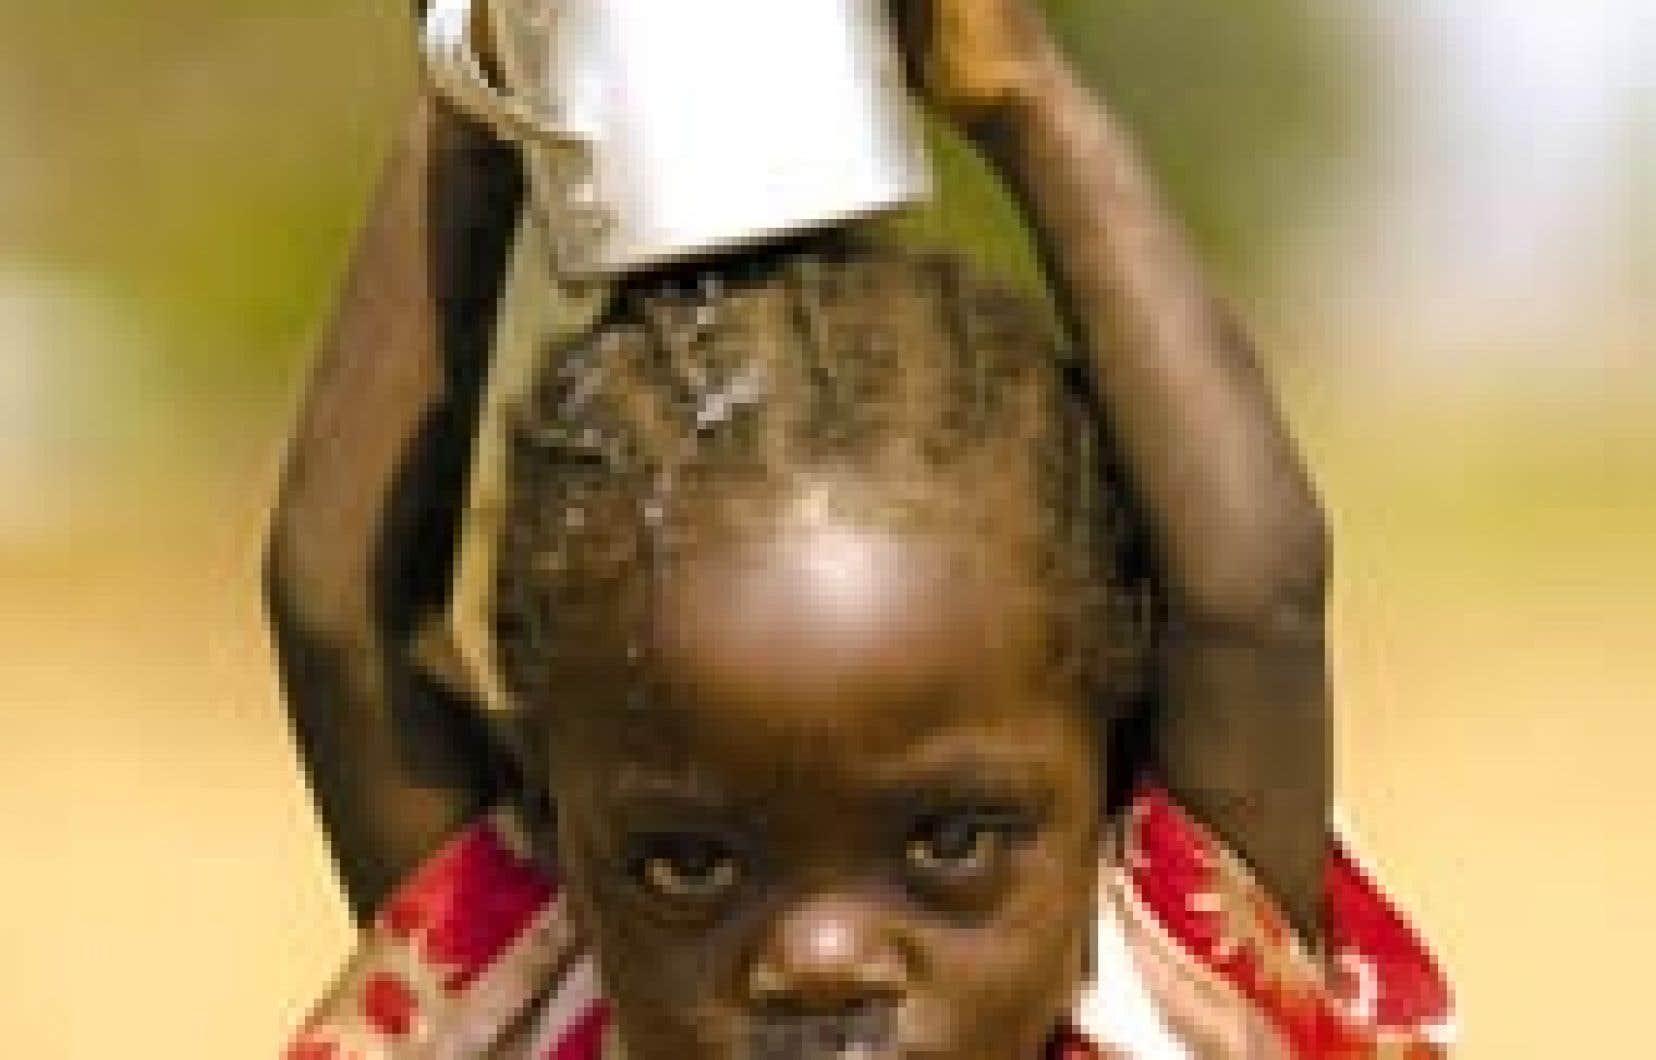 L'épidémie de fièvre de Marburg qui frappe le village angolais d'Uige est sans précédent. Le dernier bilan de l'Organisation mondiale de la santé fait état de 235 cas et 215 morts. — Newscom